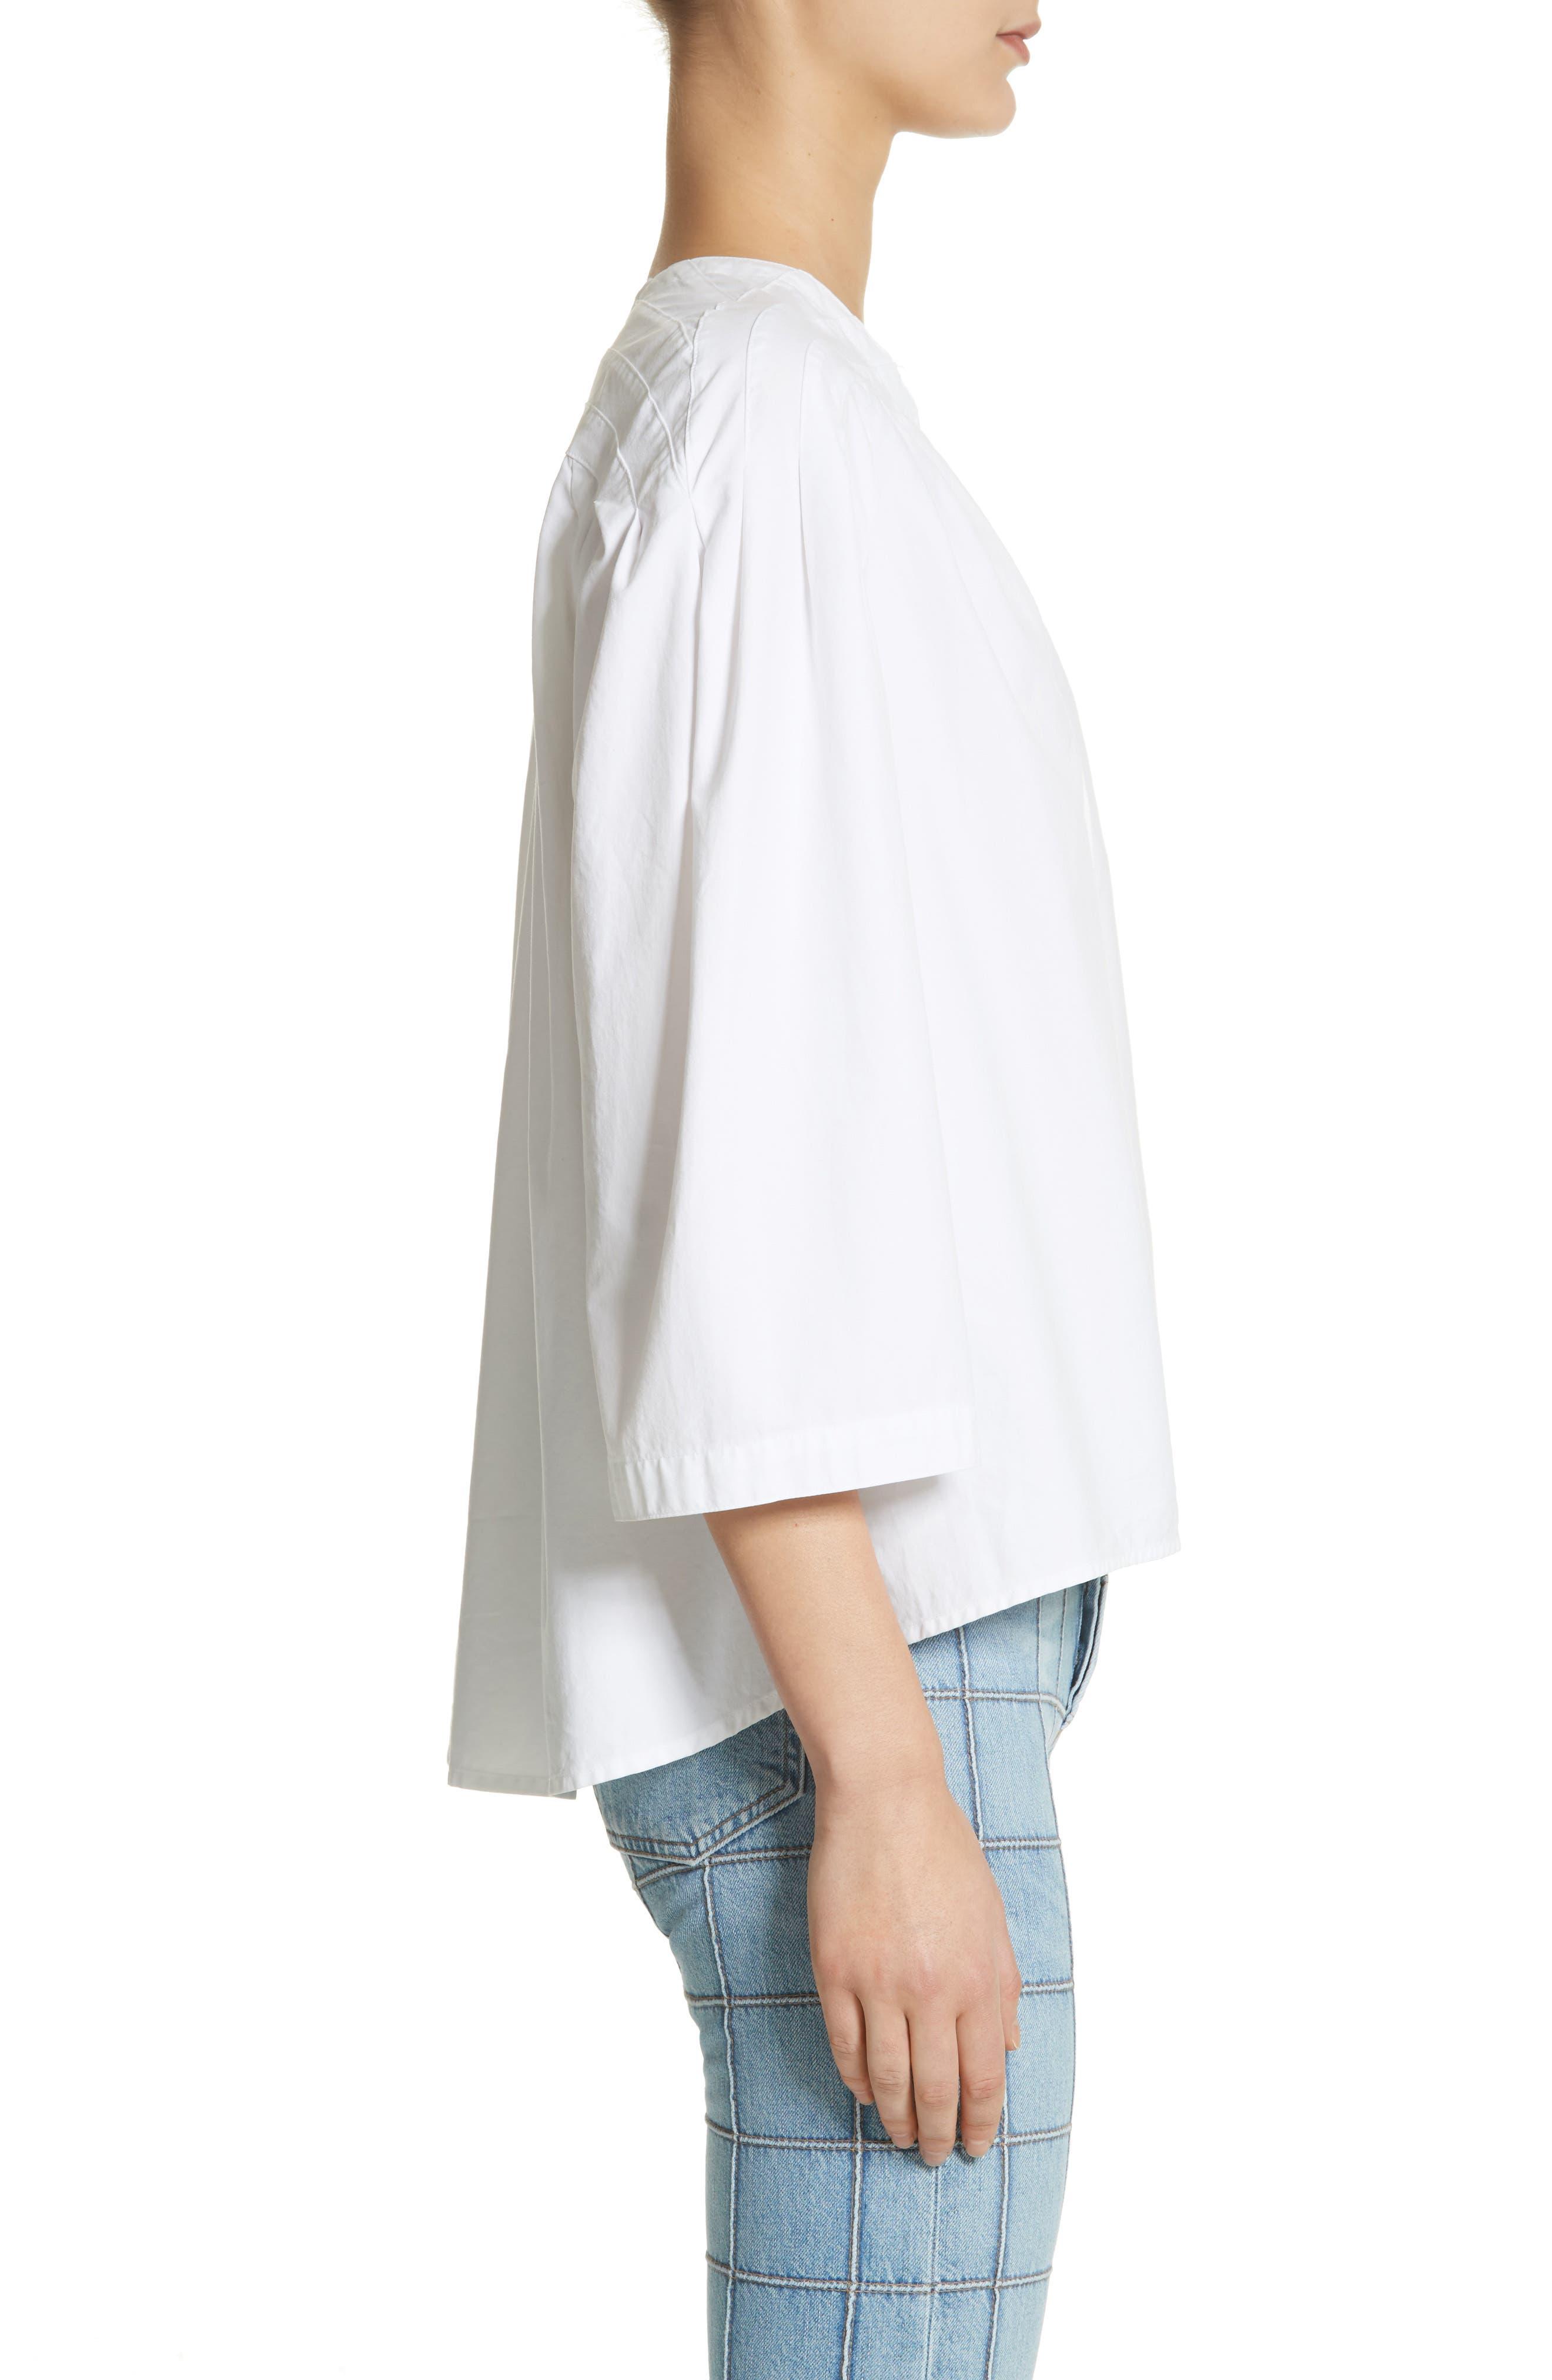 Ilona Lace-Up Cotton Top,                             Alternate thumbnail 3, color,                             White